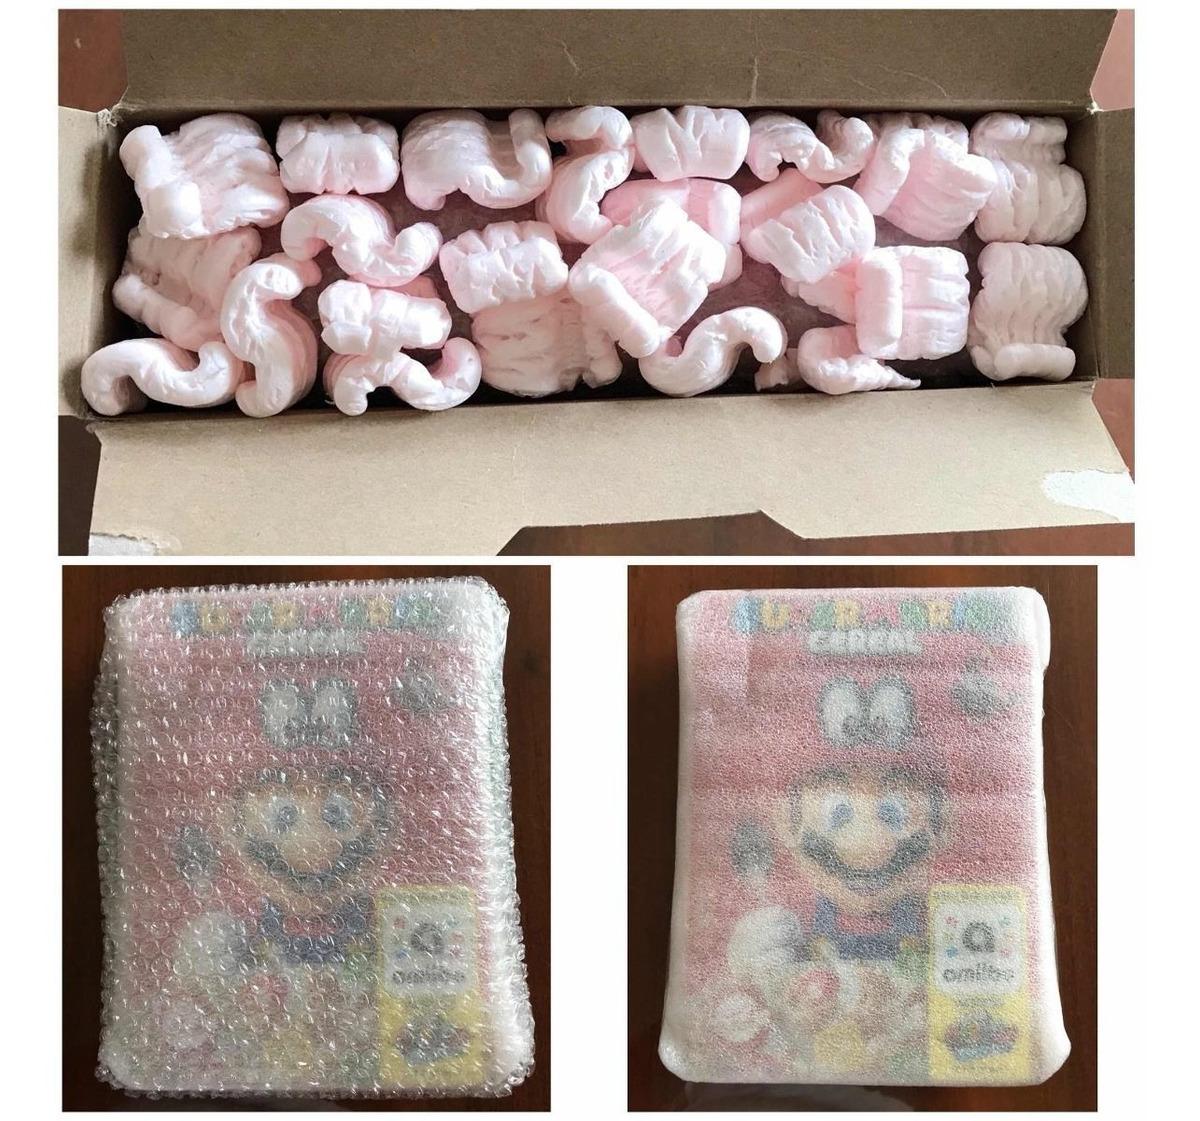 2 Amiibo Cereal Super Mario Odyssey Nintendo Kellogs Combo